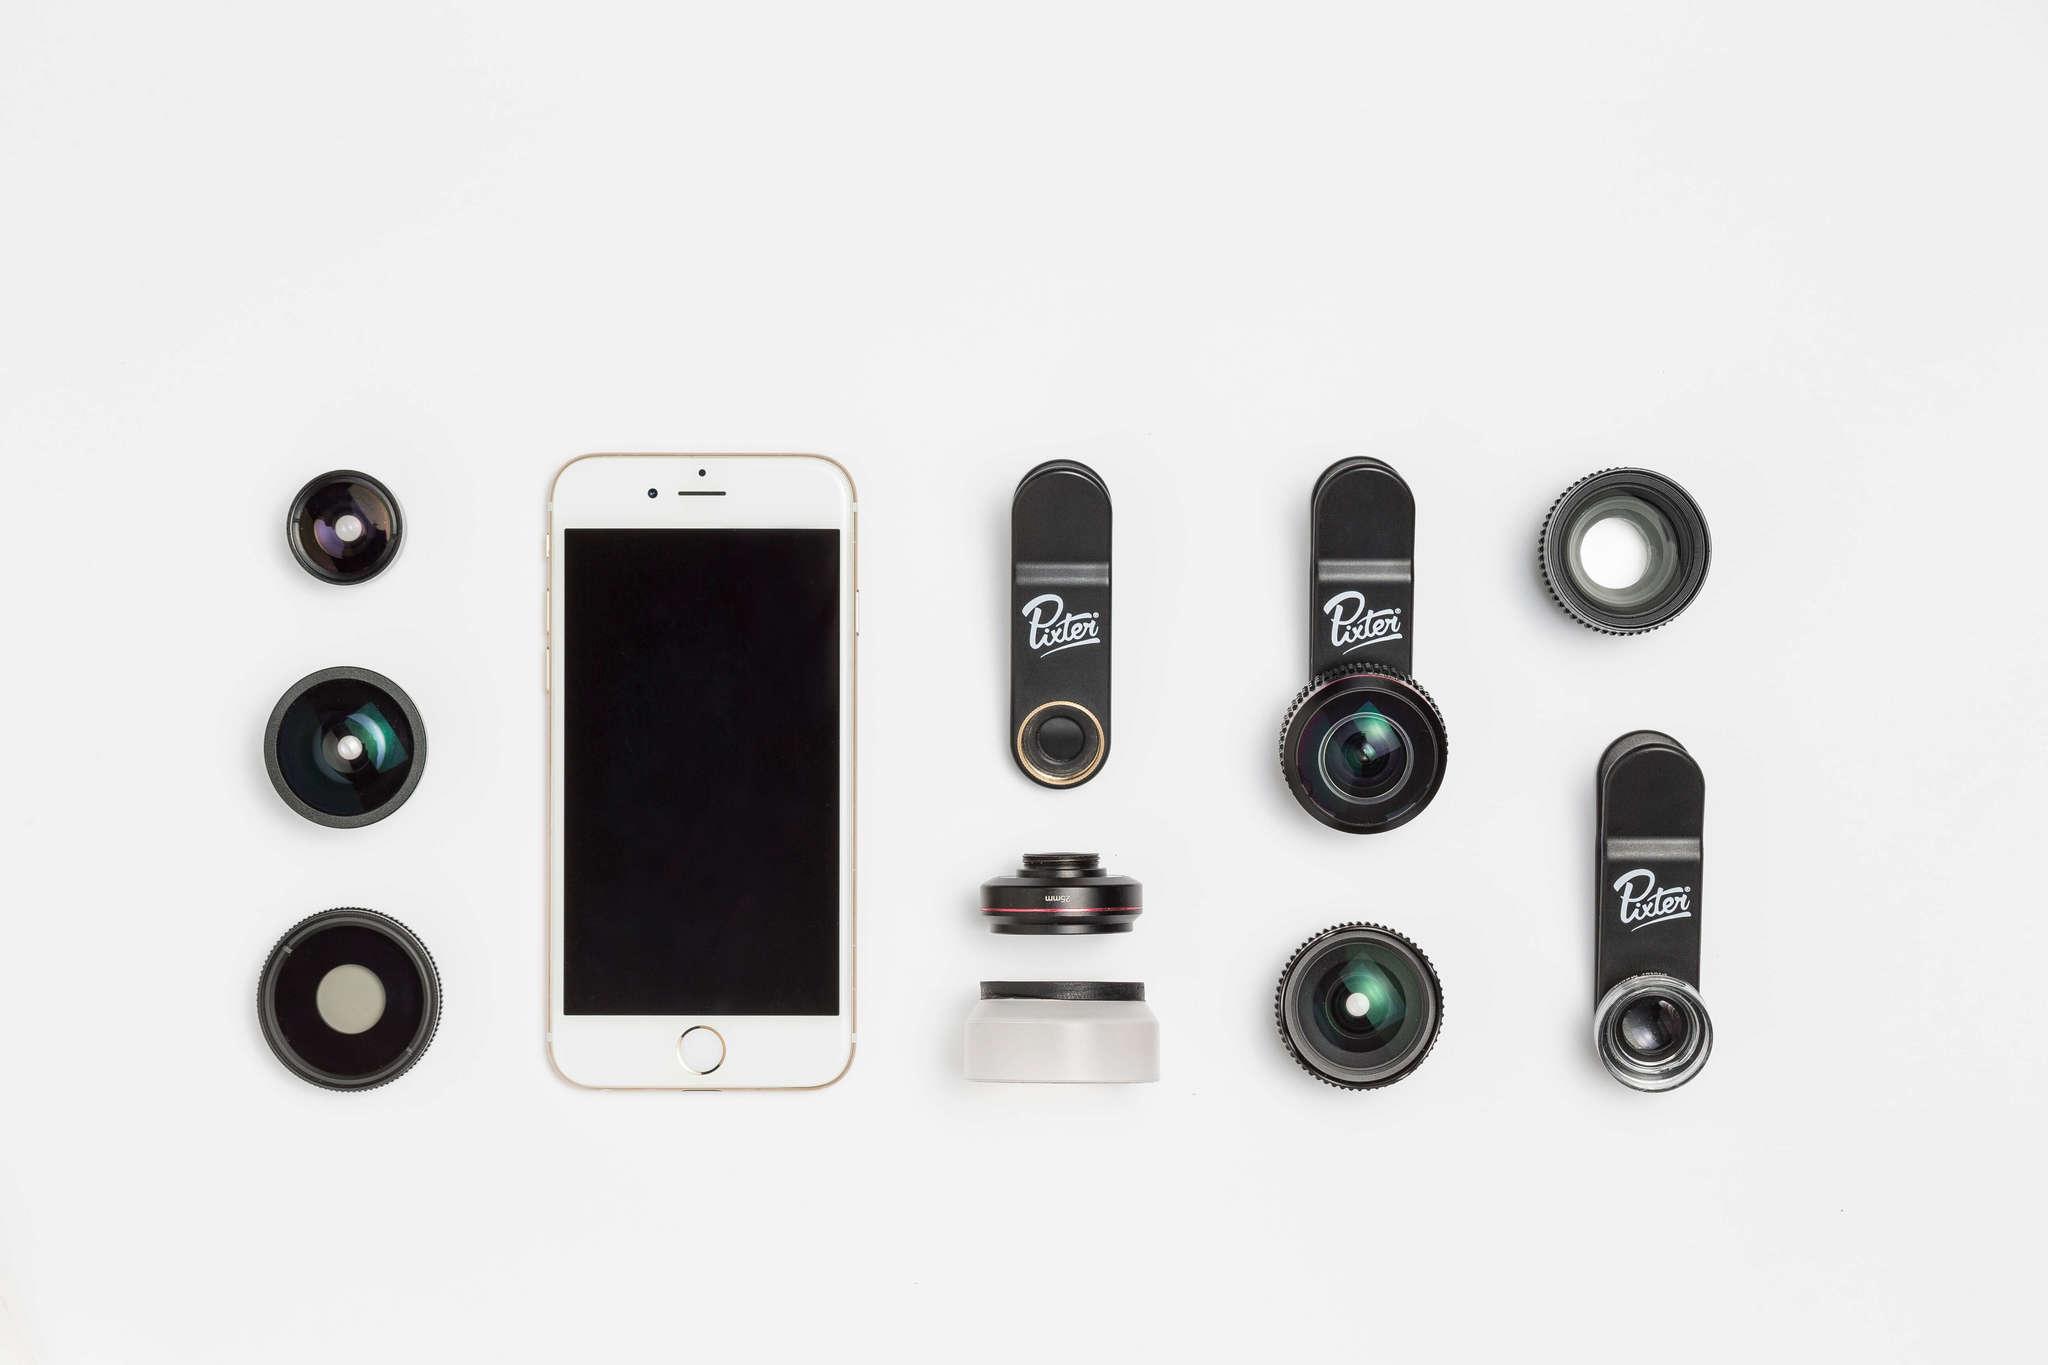 Pixter Flatlay Lenses